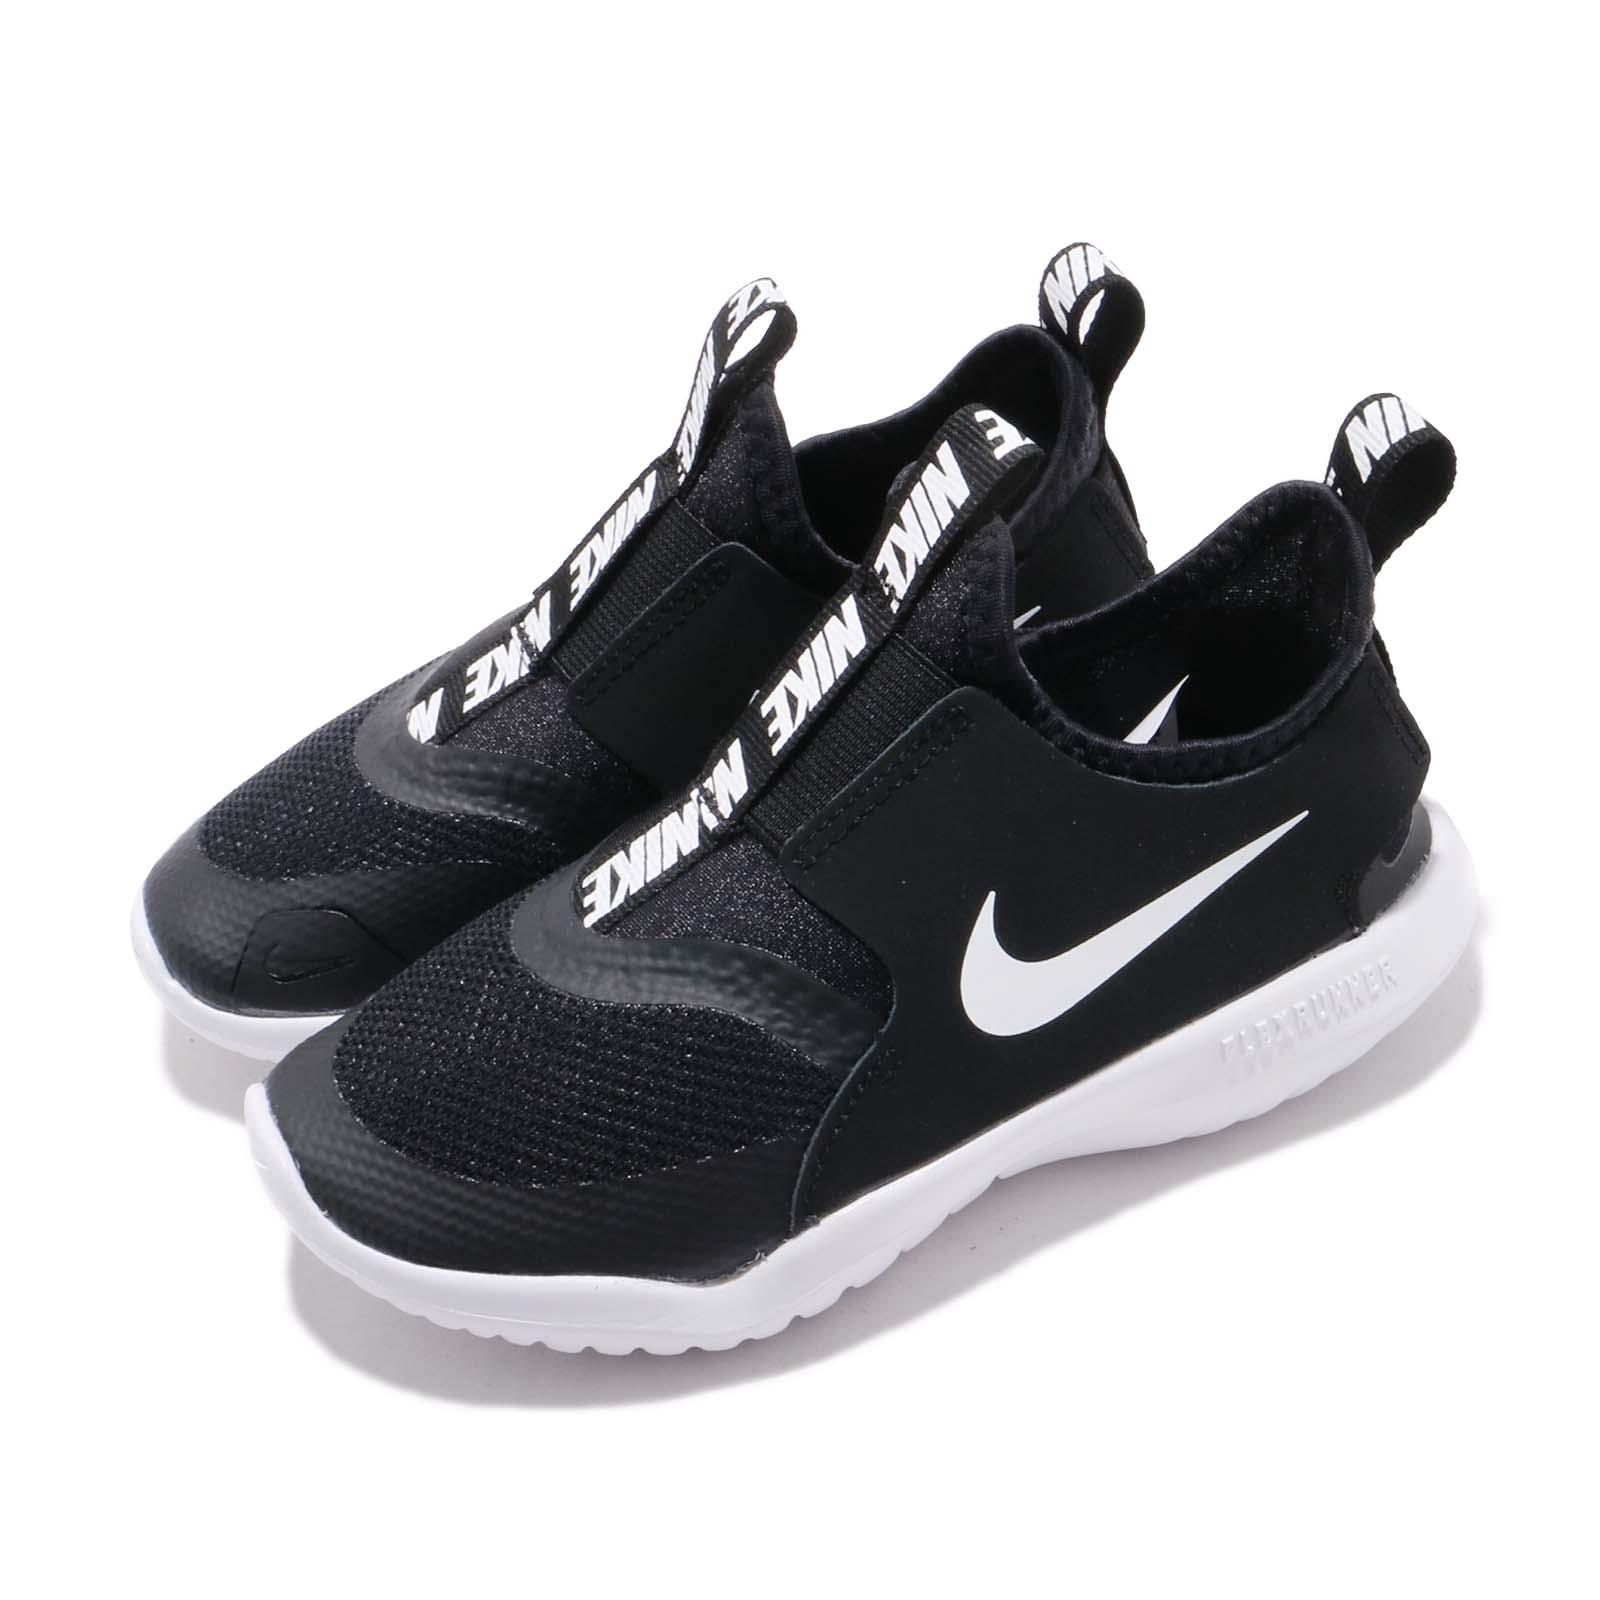 Nike 慢跑鞋 Flex Runner 運動 童鞋 AT4663-001